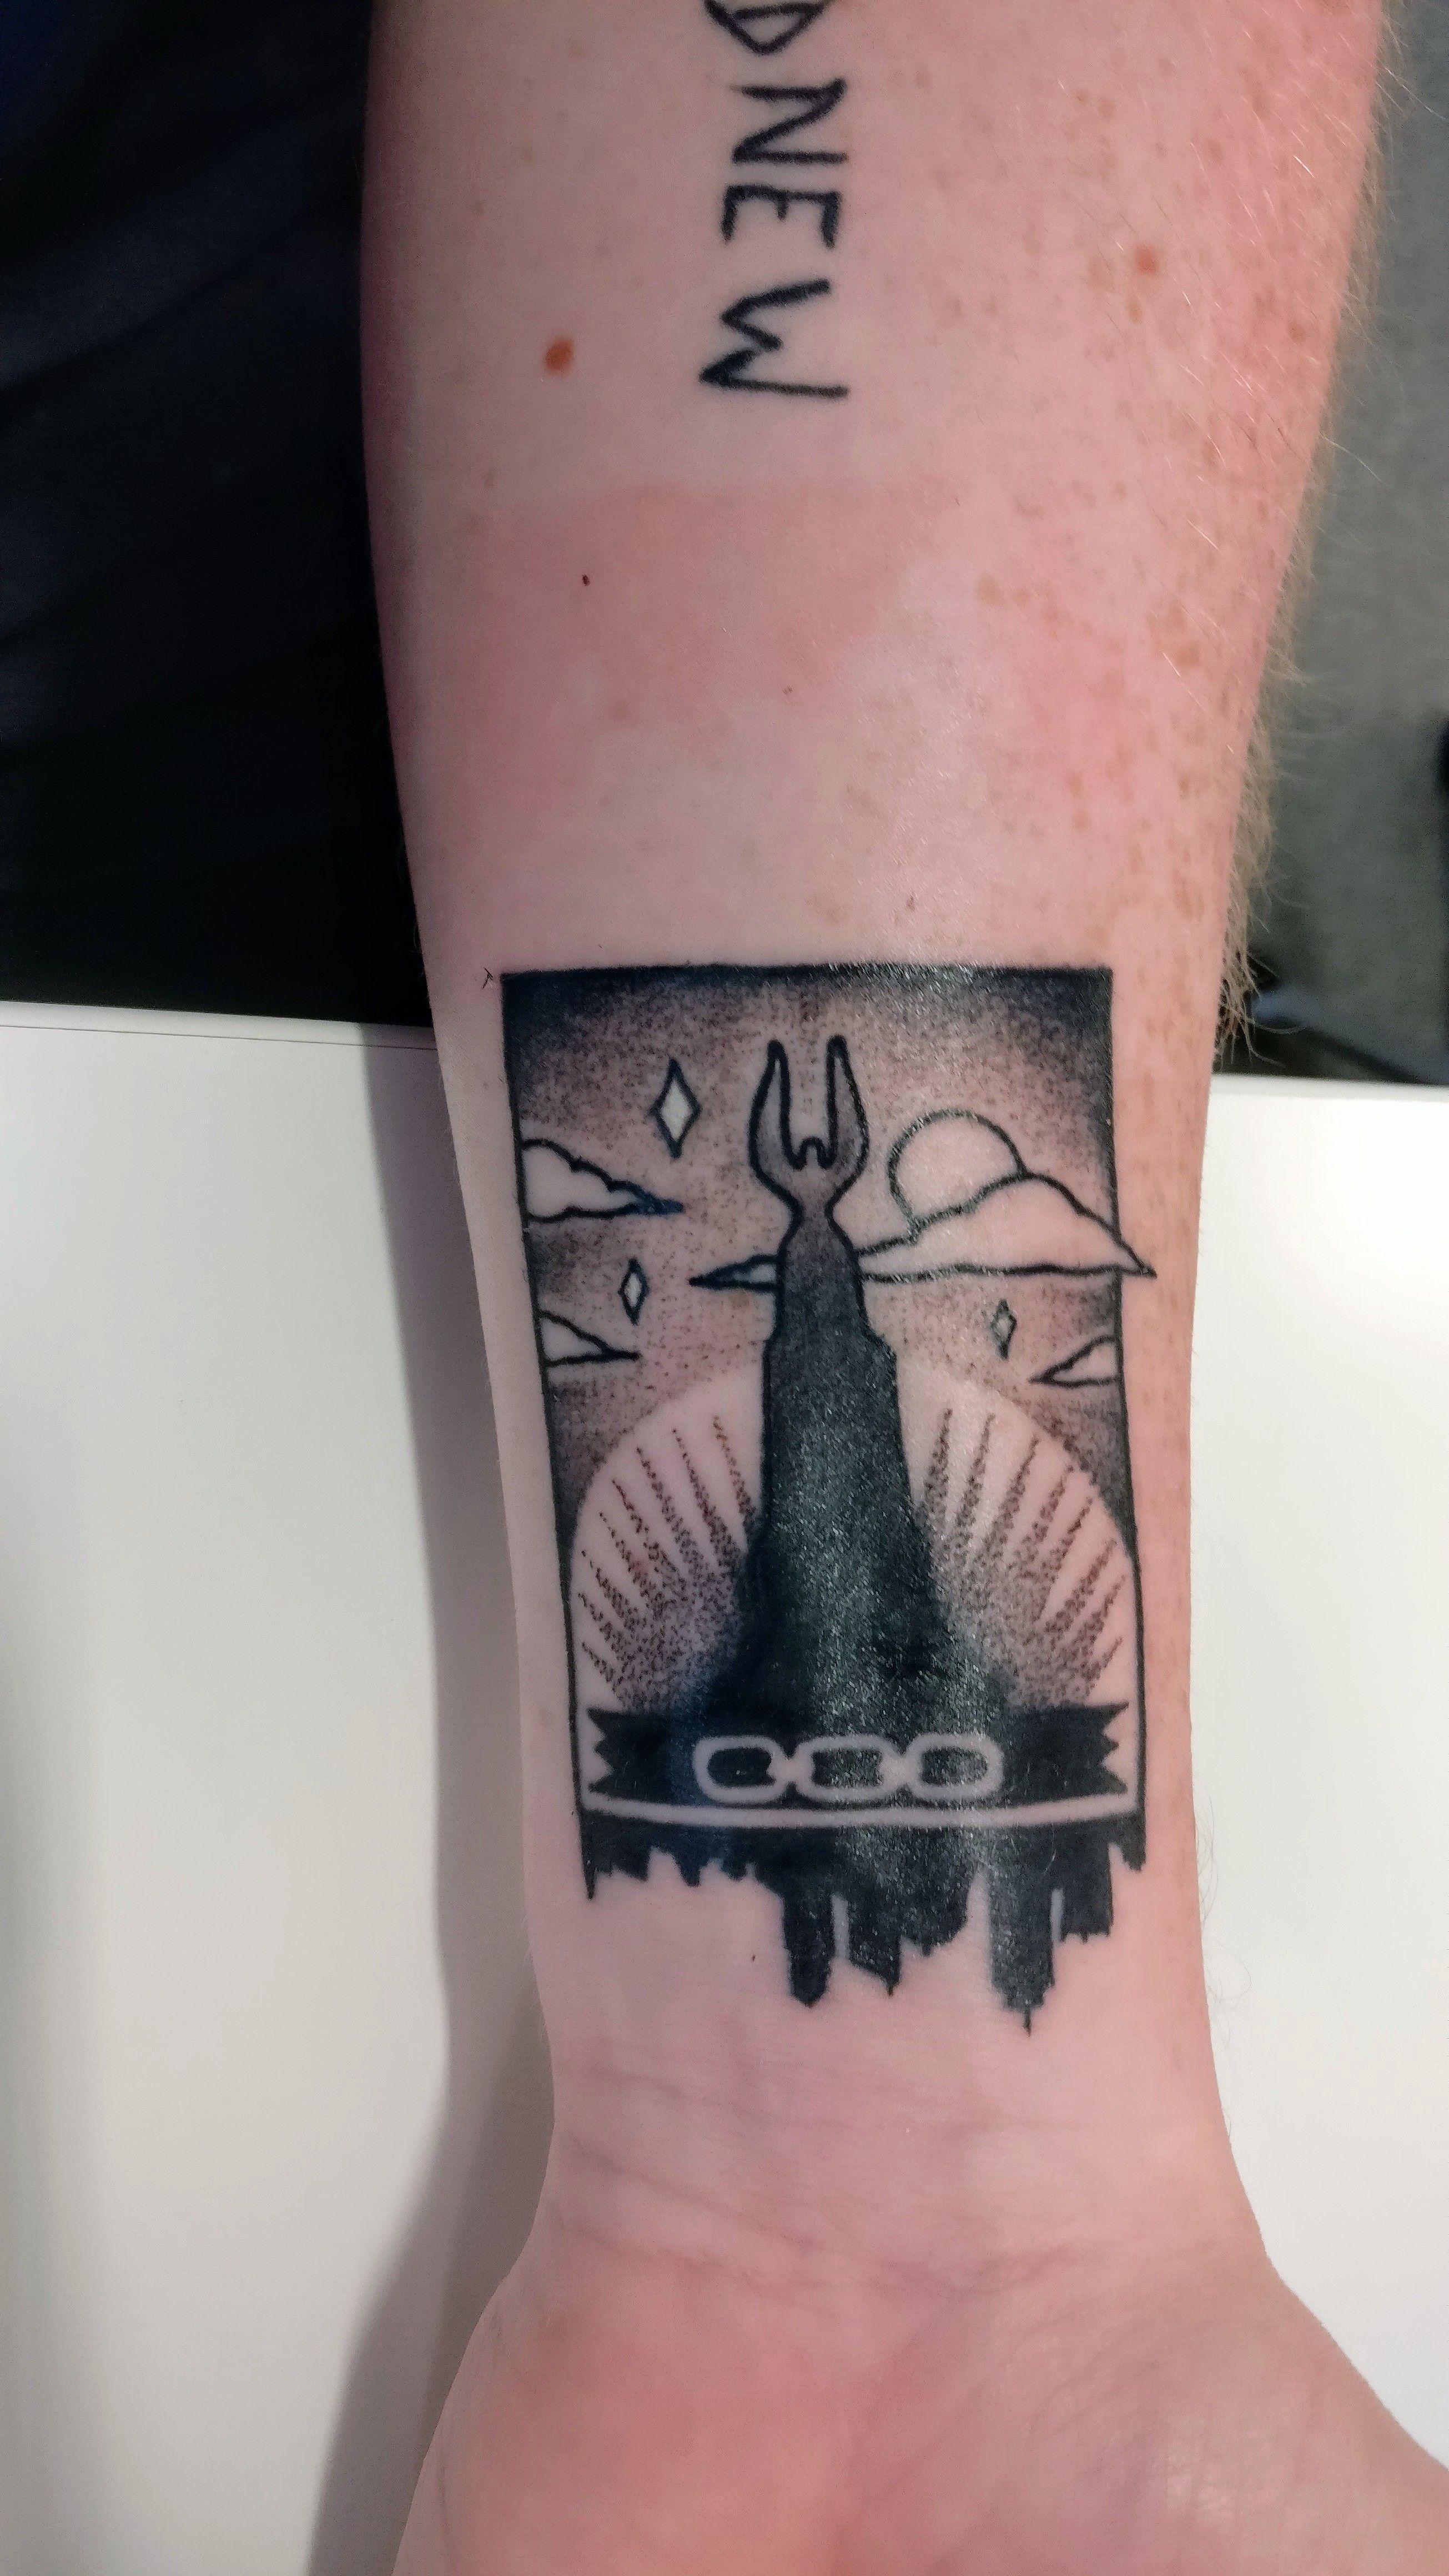 Tattoo Parlors Near My Location in 2020 Bioshock tattoo